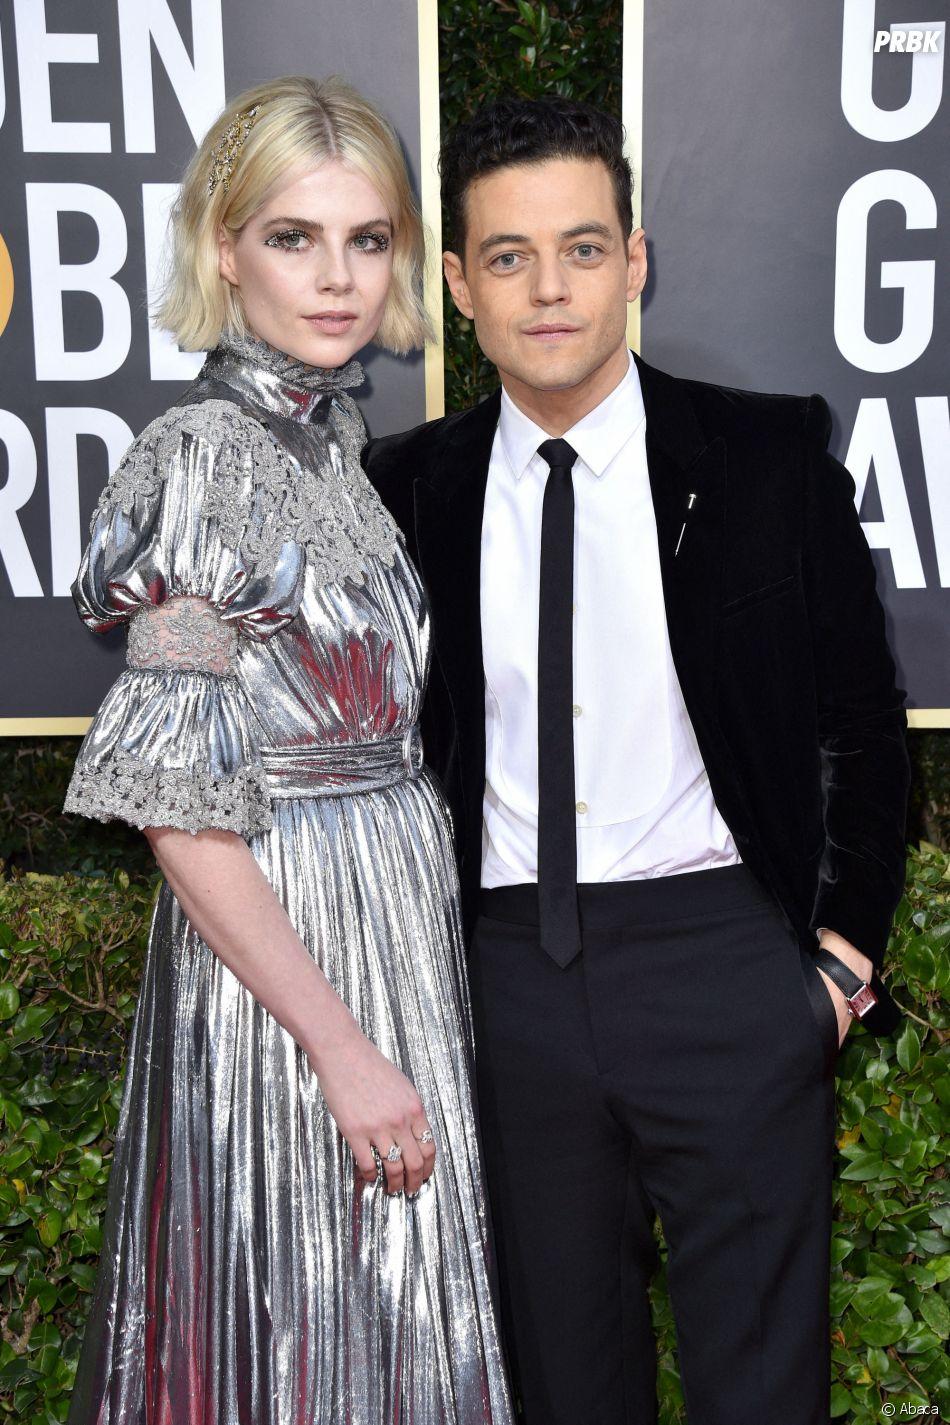 Lucy Boyton et Rami Malek sur le tapis rouge des Golden Globes 2020 le 5 janvier à Los Angeles